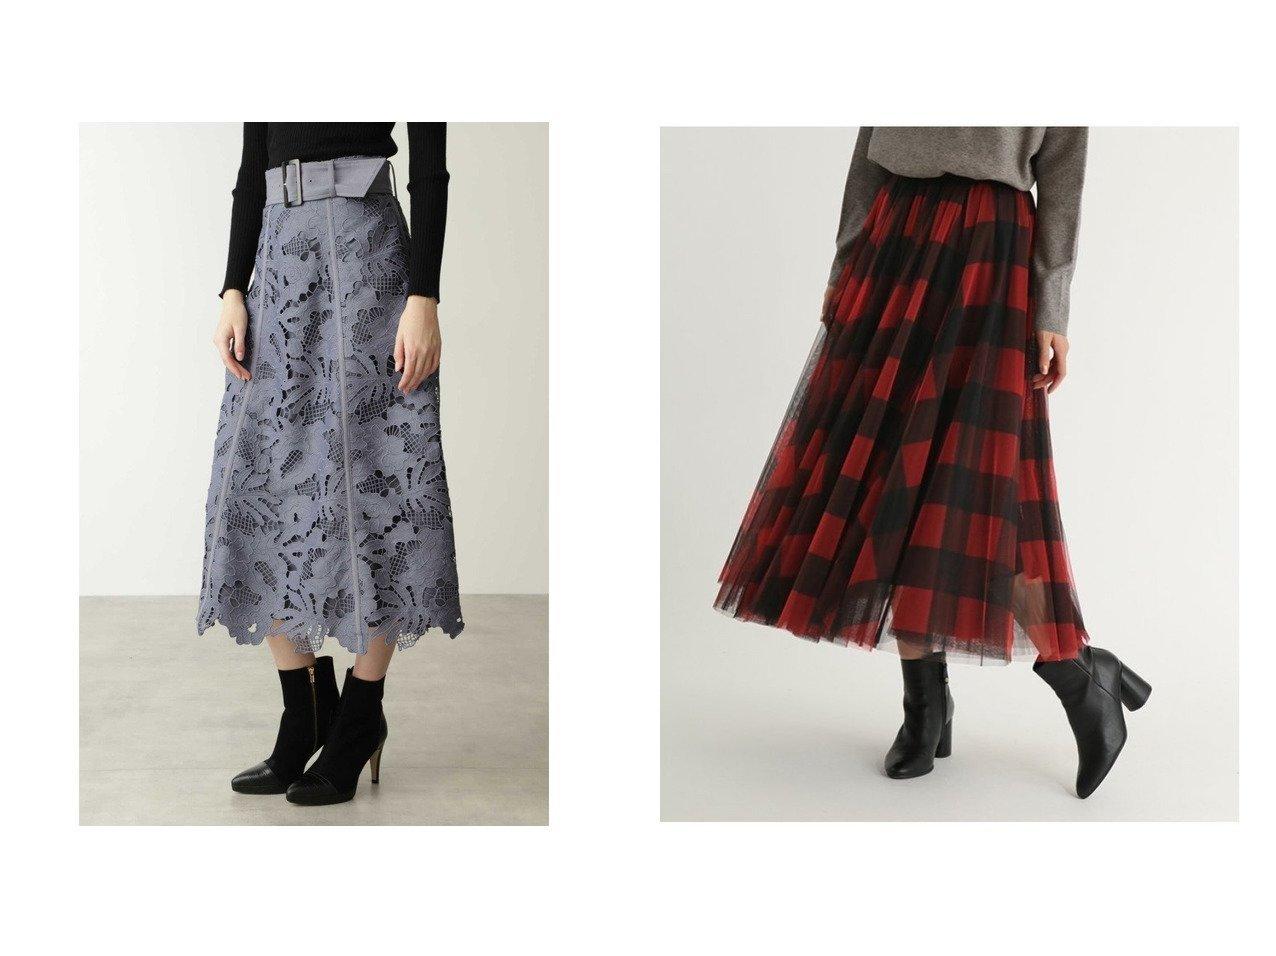 【Pinky&Dianne/ピンキーアンドダイアン】のフラワーケミカルレースフレアスカート&【SCOTCLUB/スコットクラブ】のブロックチェックチュールスカート スカートのおすすめ!人気、レディースファッションの通販 おすすめで人気のファッション通販商品 インテリア・家具・キッズファッション・メンズファッション・レディースファッション・服の通販 founy(ファニー) https://founy.com/ ファッション Fashion レディース WOMEN スカート Skirt Aライン/フレアスカート Flared A-Line Skirts ロングスカート Long Skirt ケミカル スマート フラワー フレア モチーフ レース コンパクト チェック ブロック ロング  ID:crp329100000003045